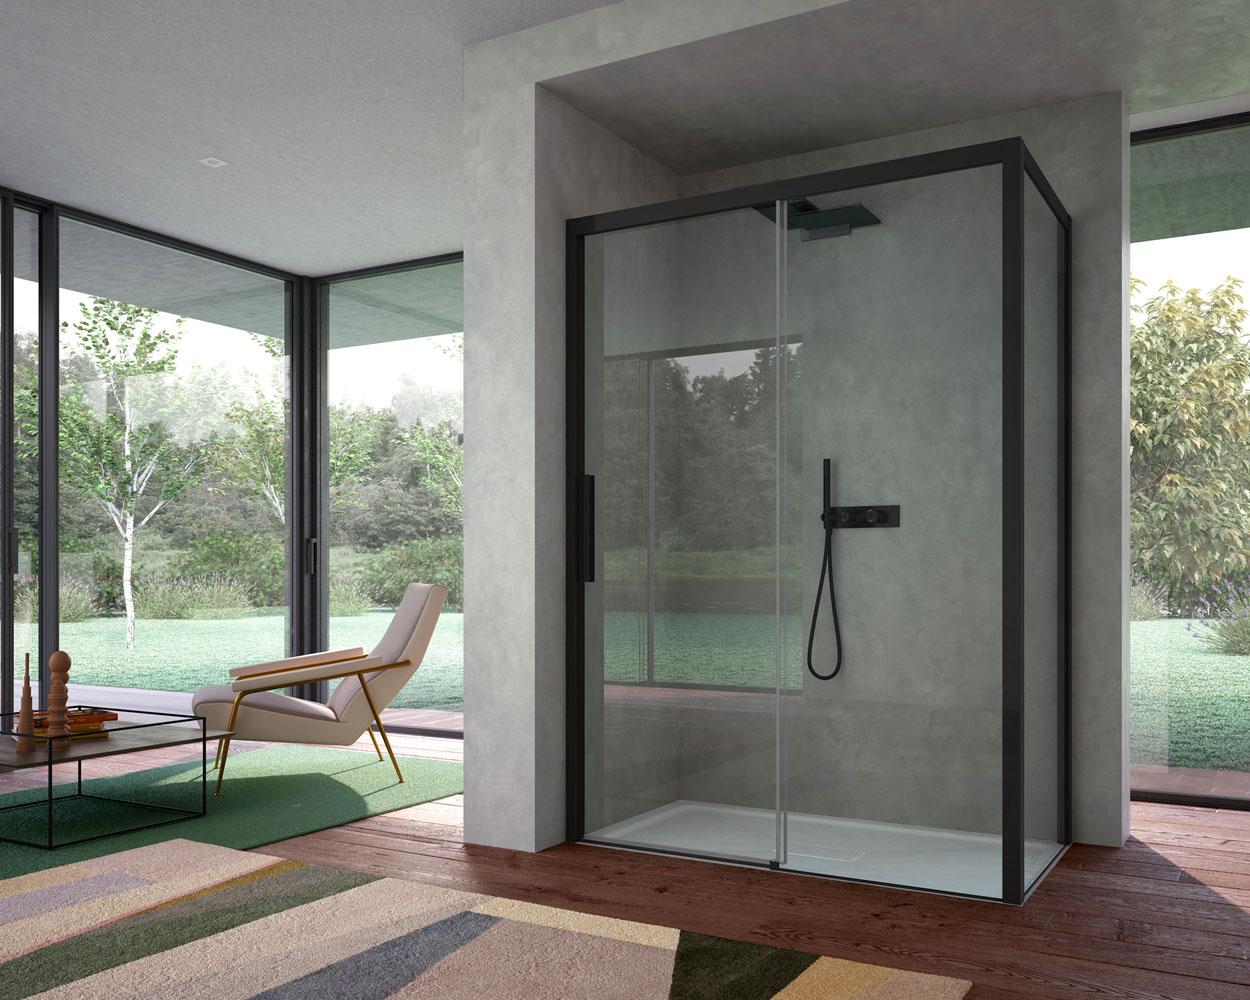 Framed Vs Frameless Shower Enclosures How To Choose Your Shower